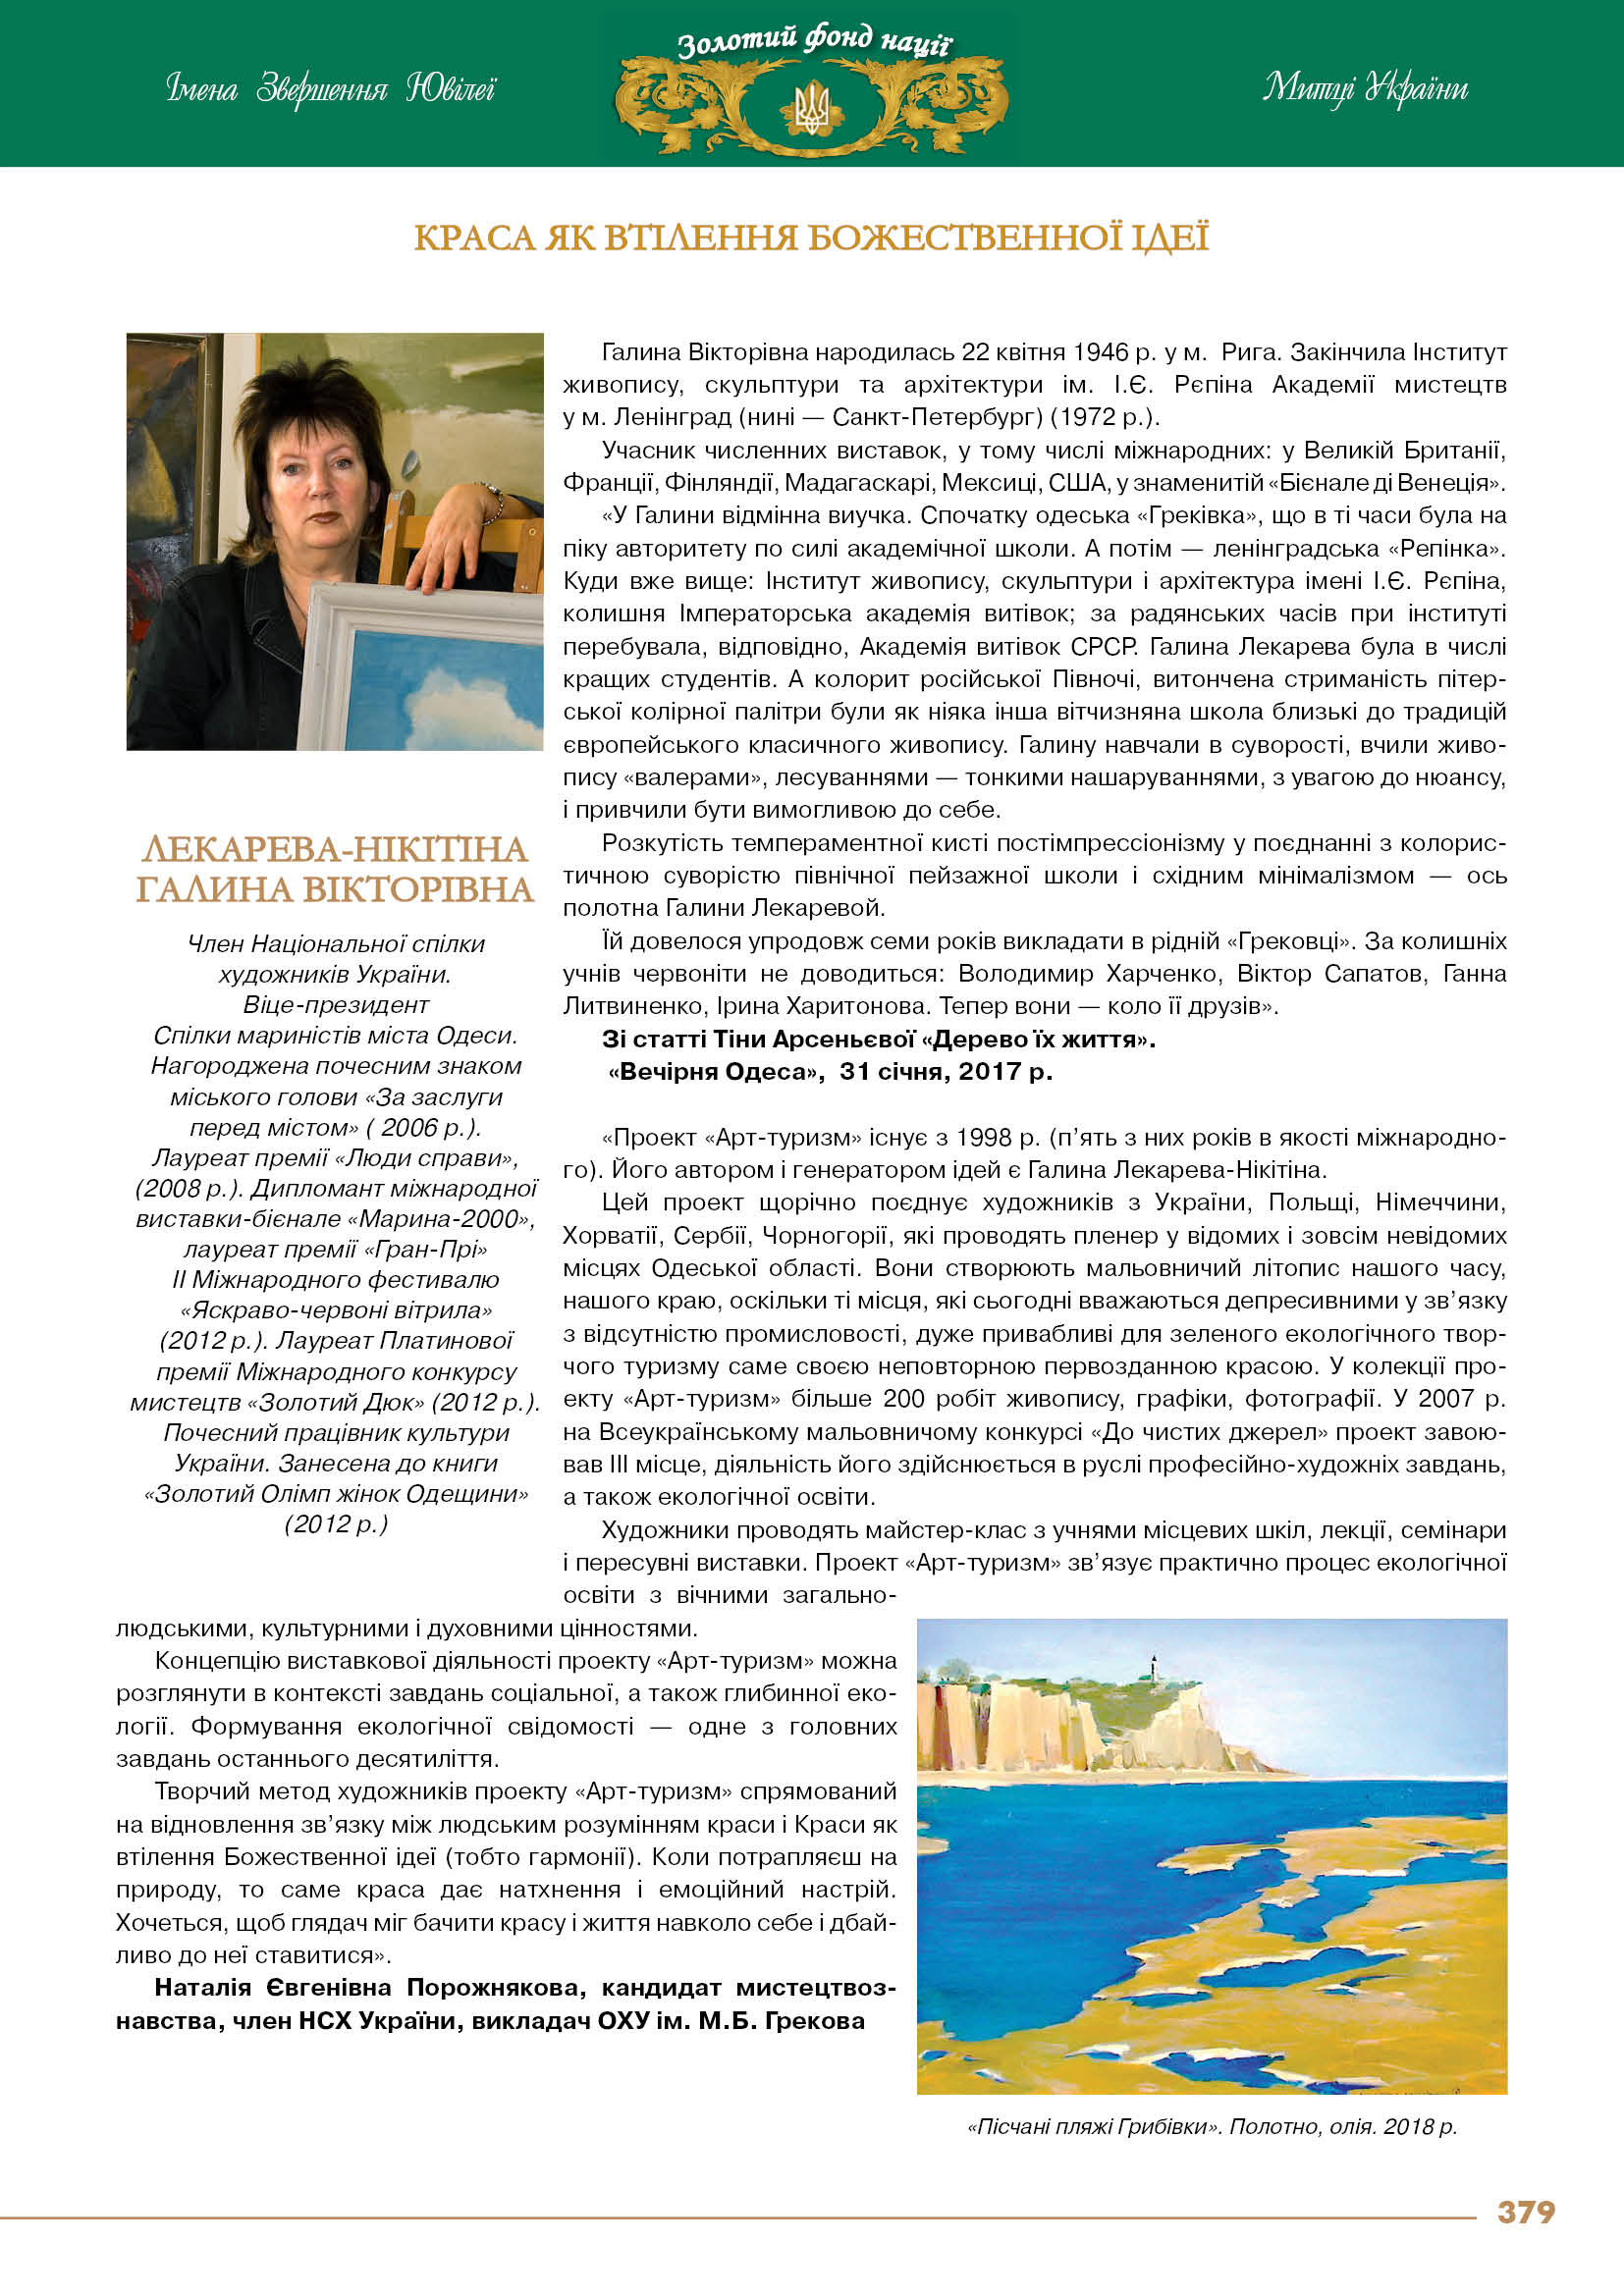 Лекарева-Нікітіна Галина Вікторівна